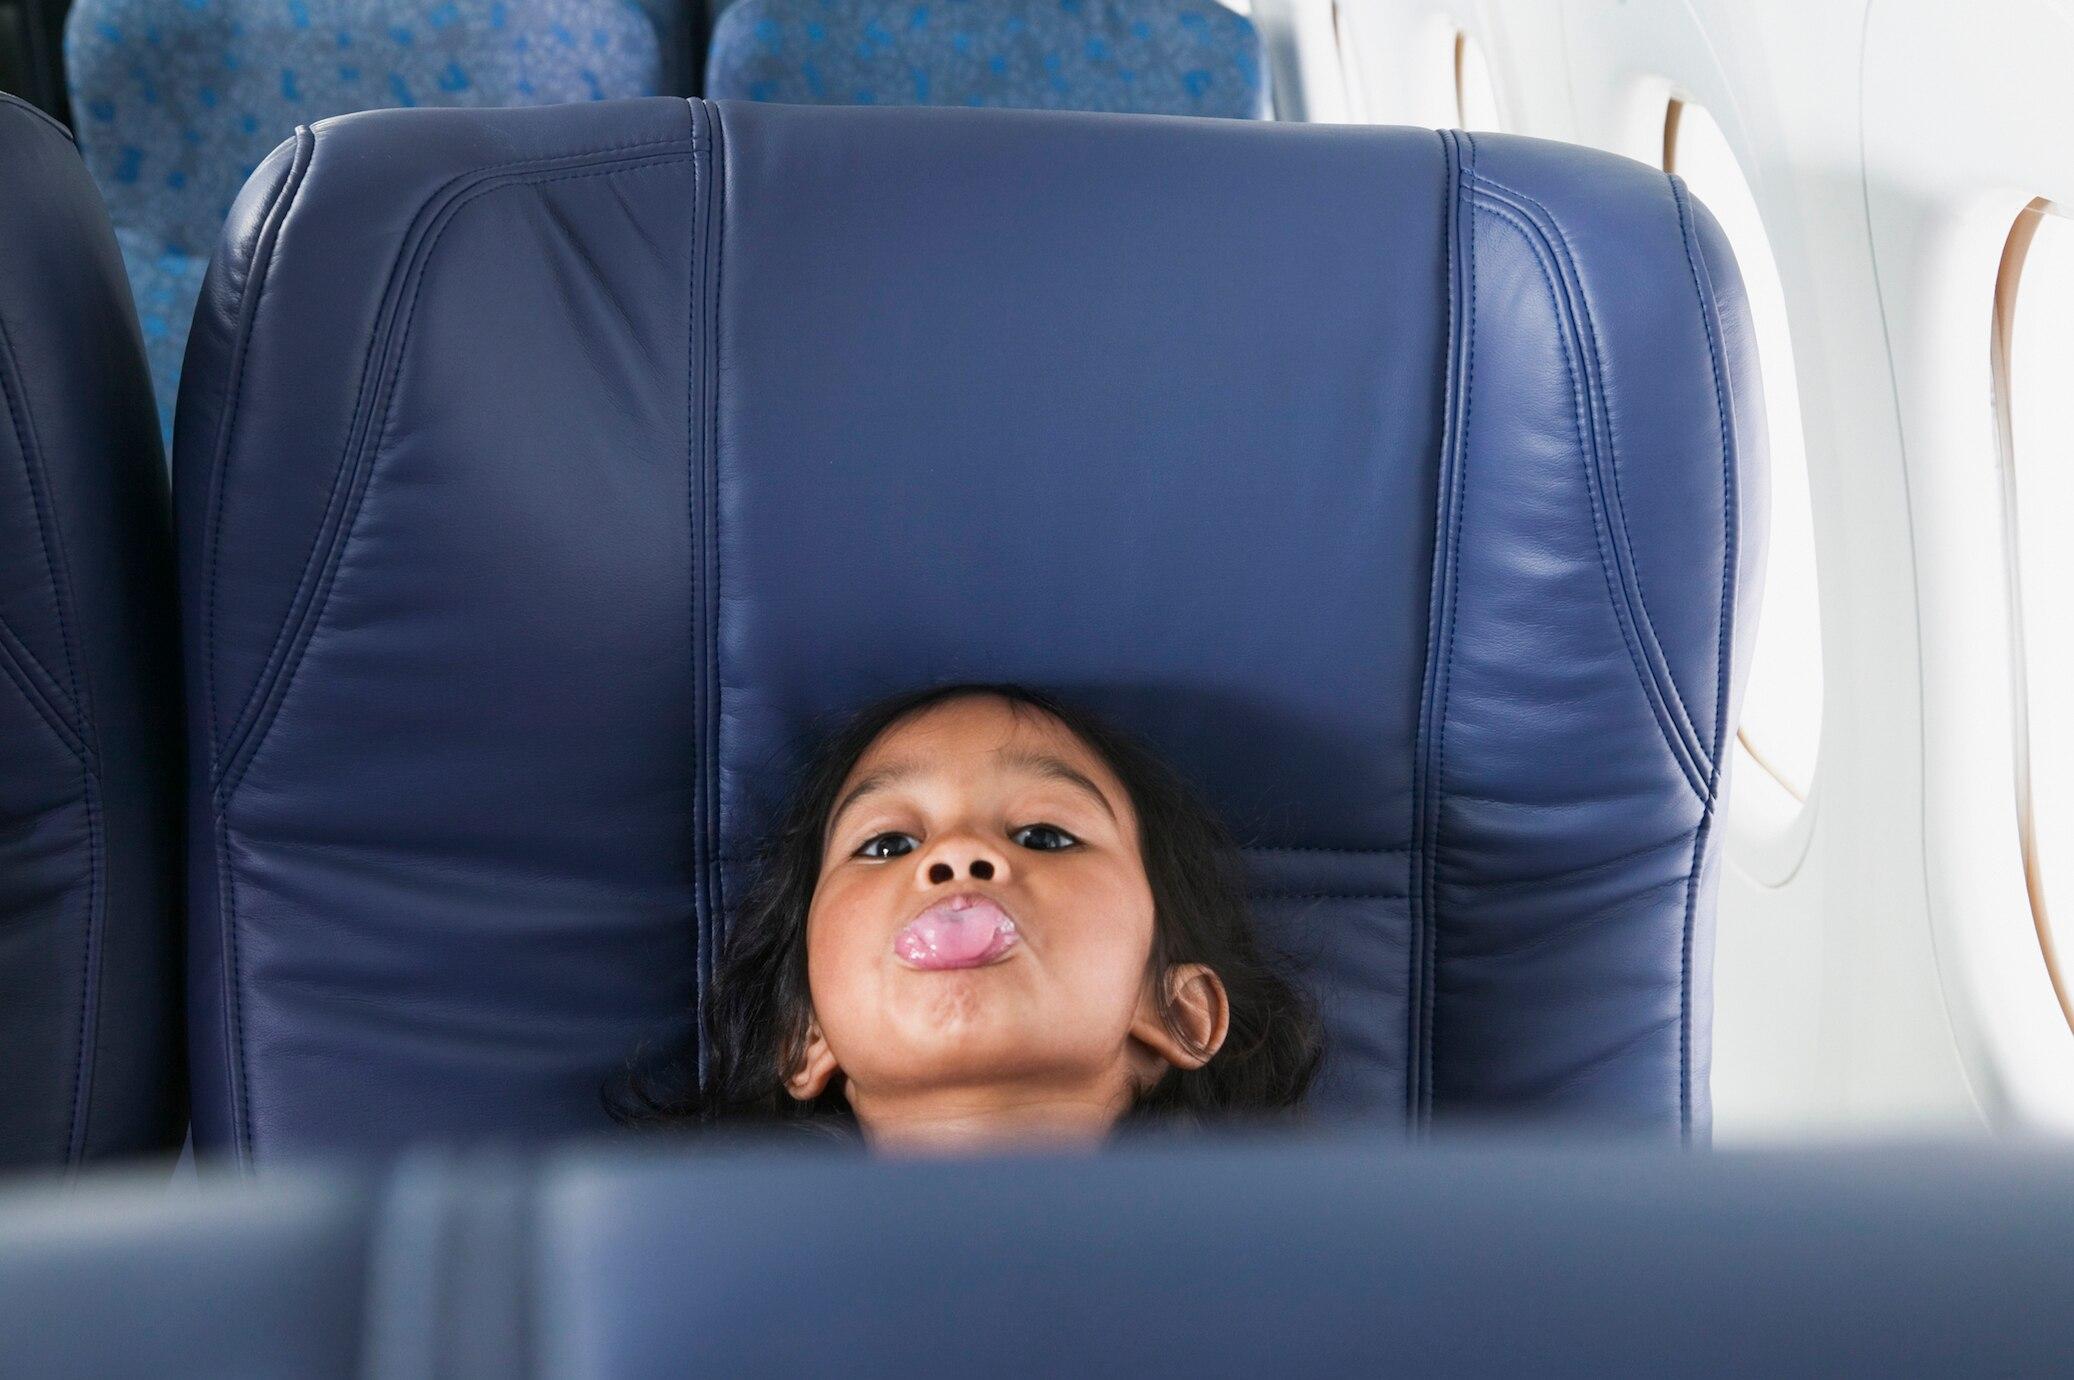 Asiatische Orgie In Flugzeug